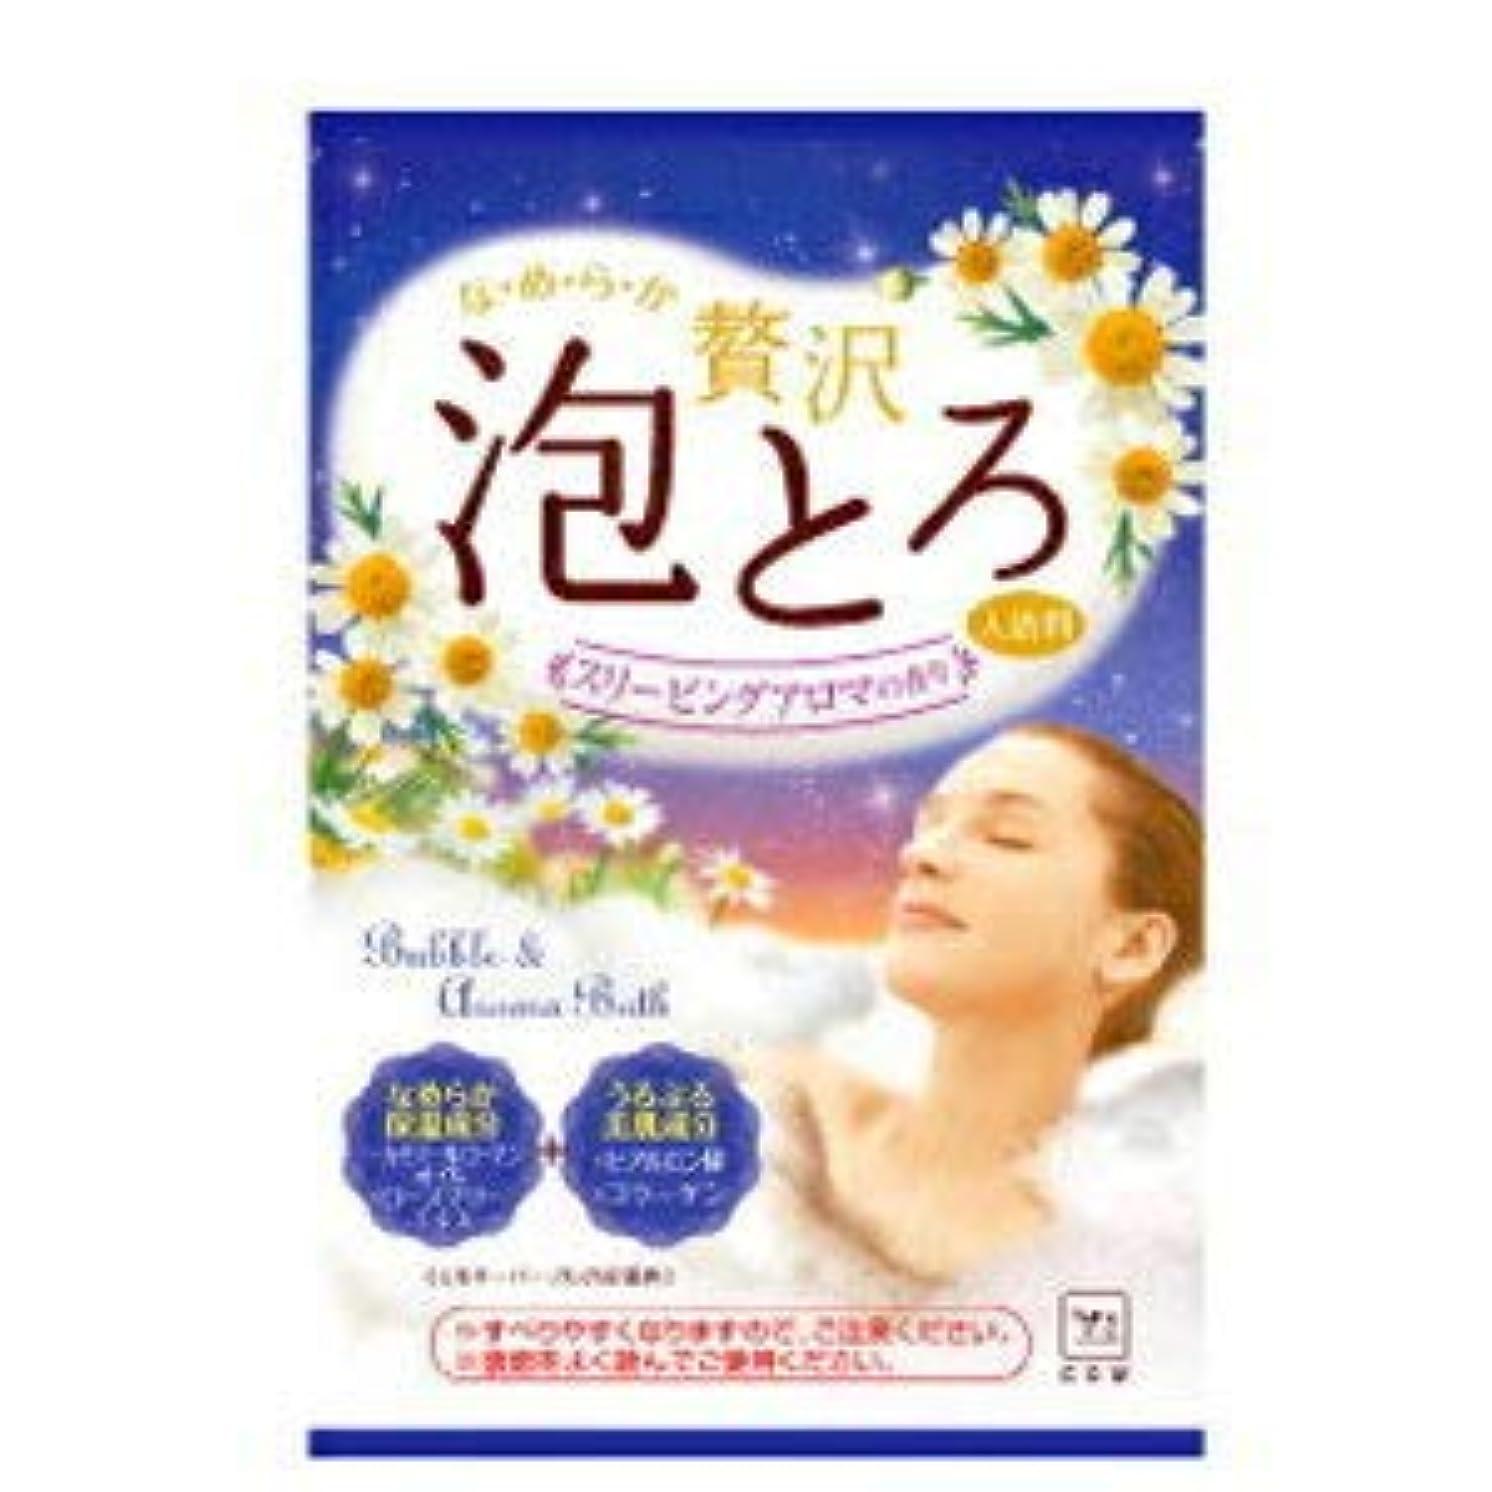 挨拶する季節取り囲む牛乳石鹸 お湯物語 贅沢泡とろ 入浴料 スリーピングアロマ 30g 16個セット